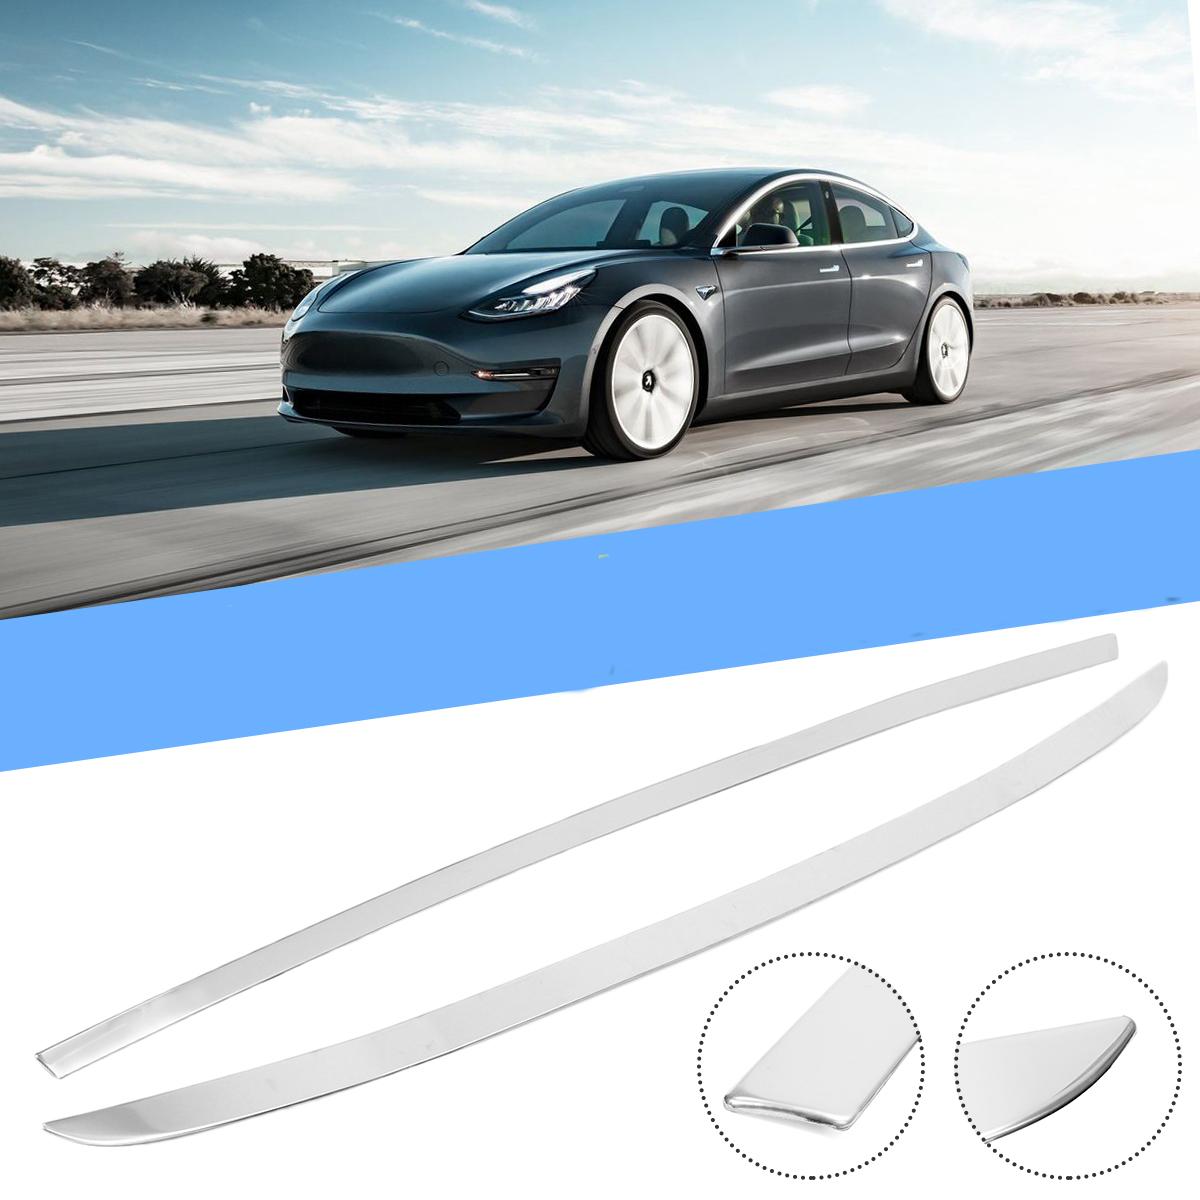 Нержавеющая задняя верхняя накладка крышки багажника Авто Литьевая крышка полосы для Tesla Model 3 2018 2019